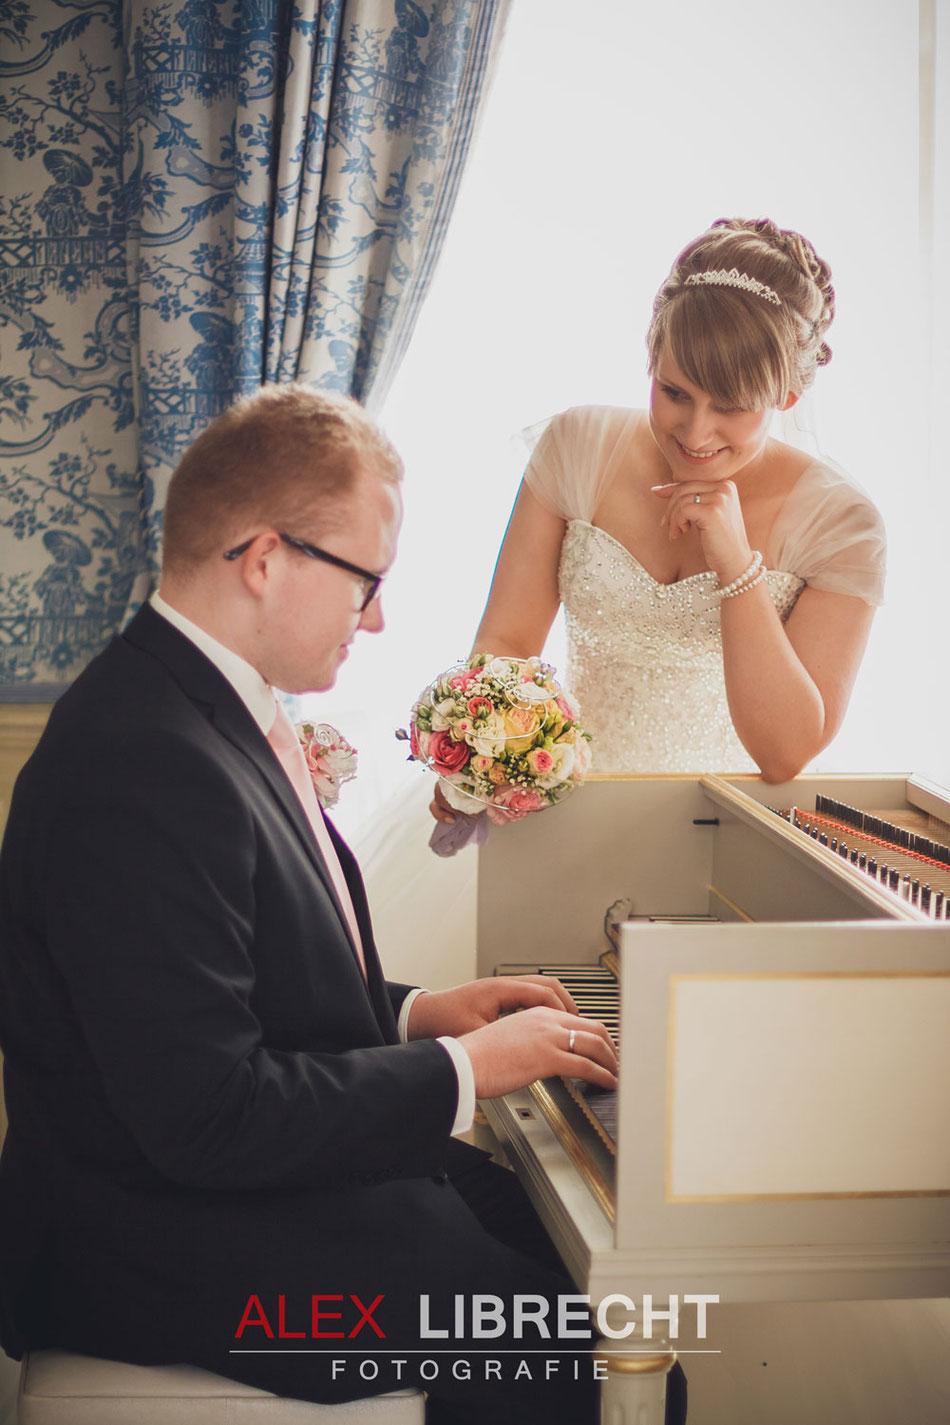 Hochzeitfotos,Sögel,Schlosskeller,Clemenswerth,fotgraf,friesoythe,emsland,hochzeitsfotograf